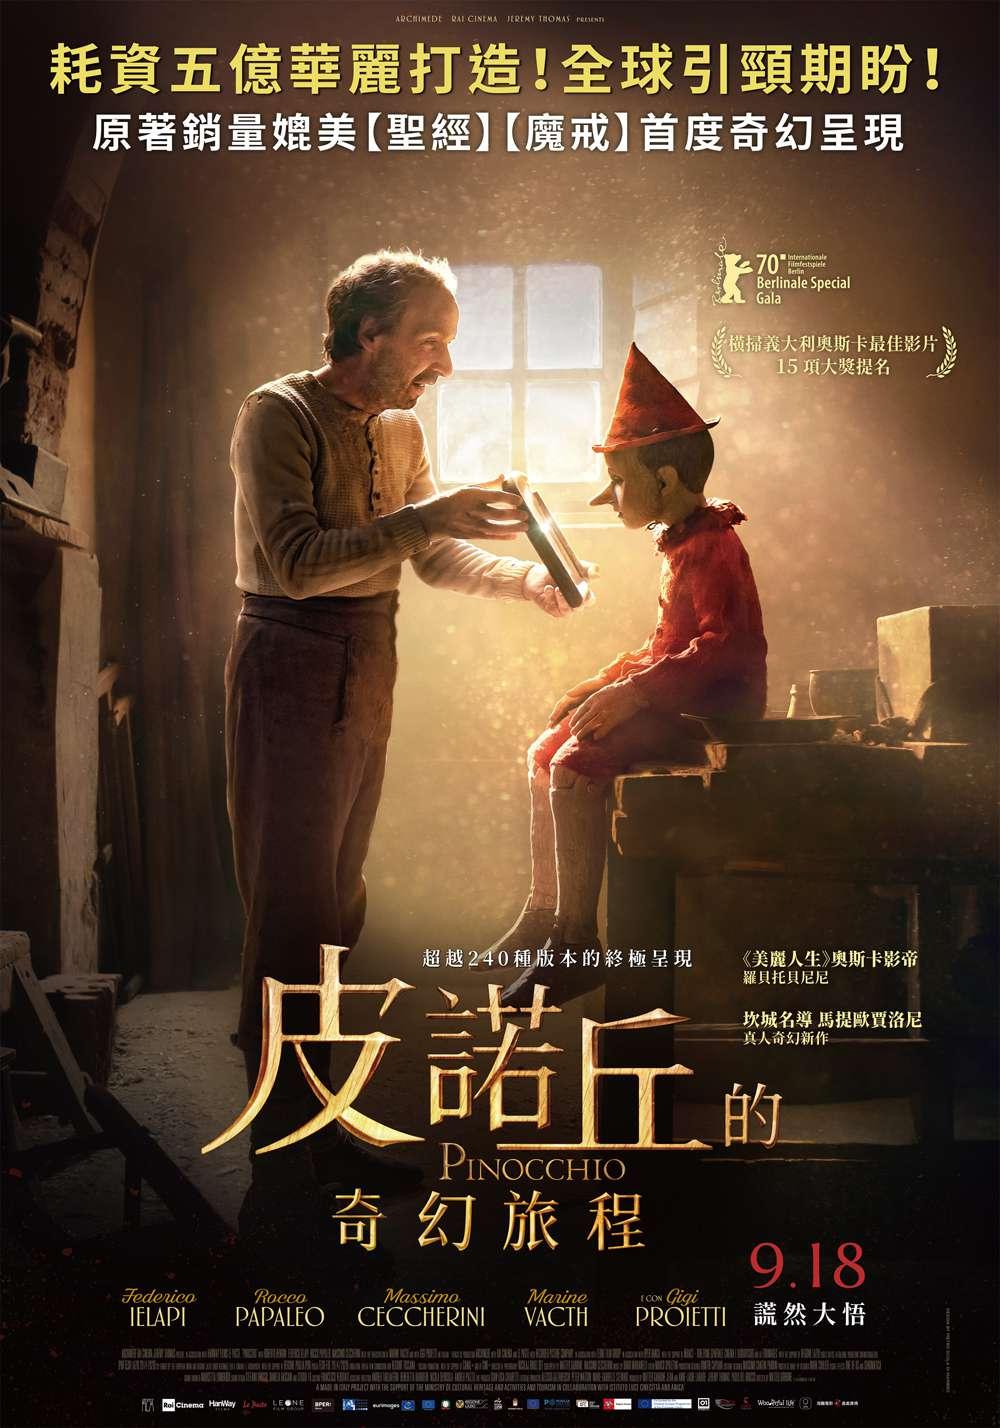 皮諾丘的奇幻旅程_Pinocchio(2019)_電影海報